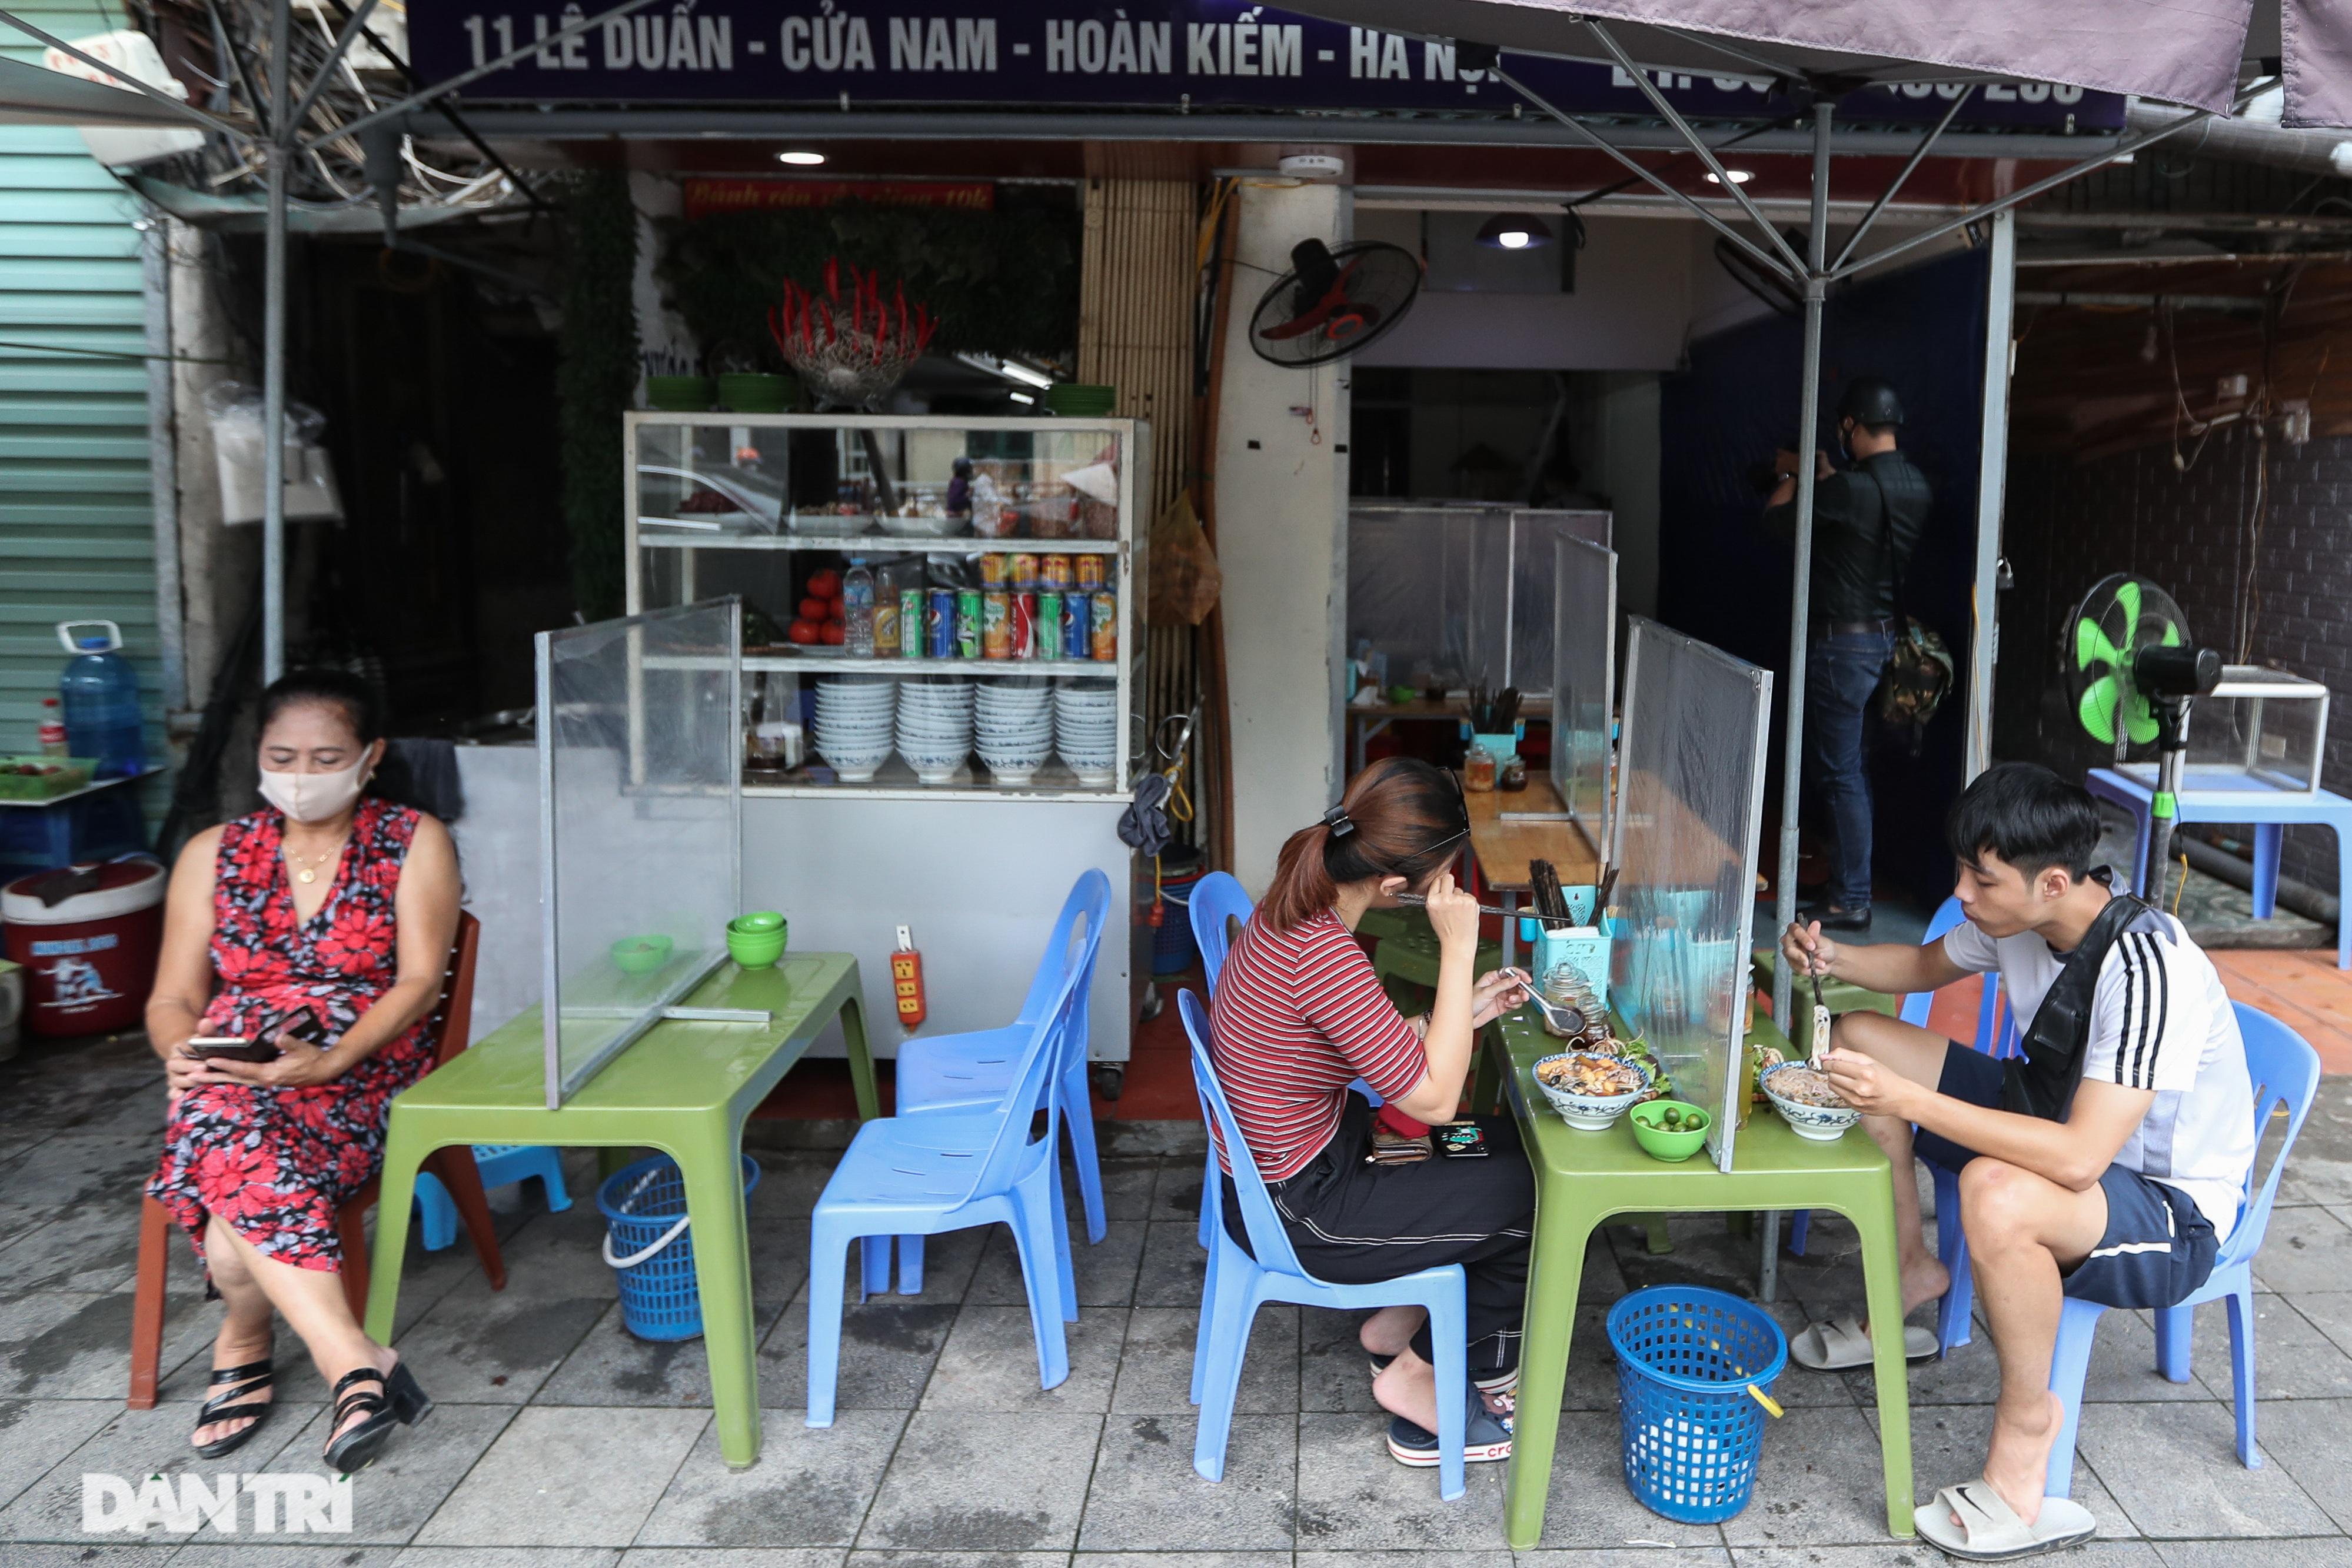 Hà Nội: Hàng loạt quán ăn vỉa hè lắp vách ngăn giọt bắn chống Covid-19 - 11